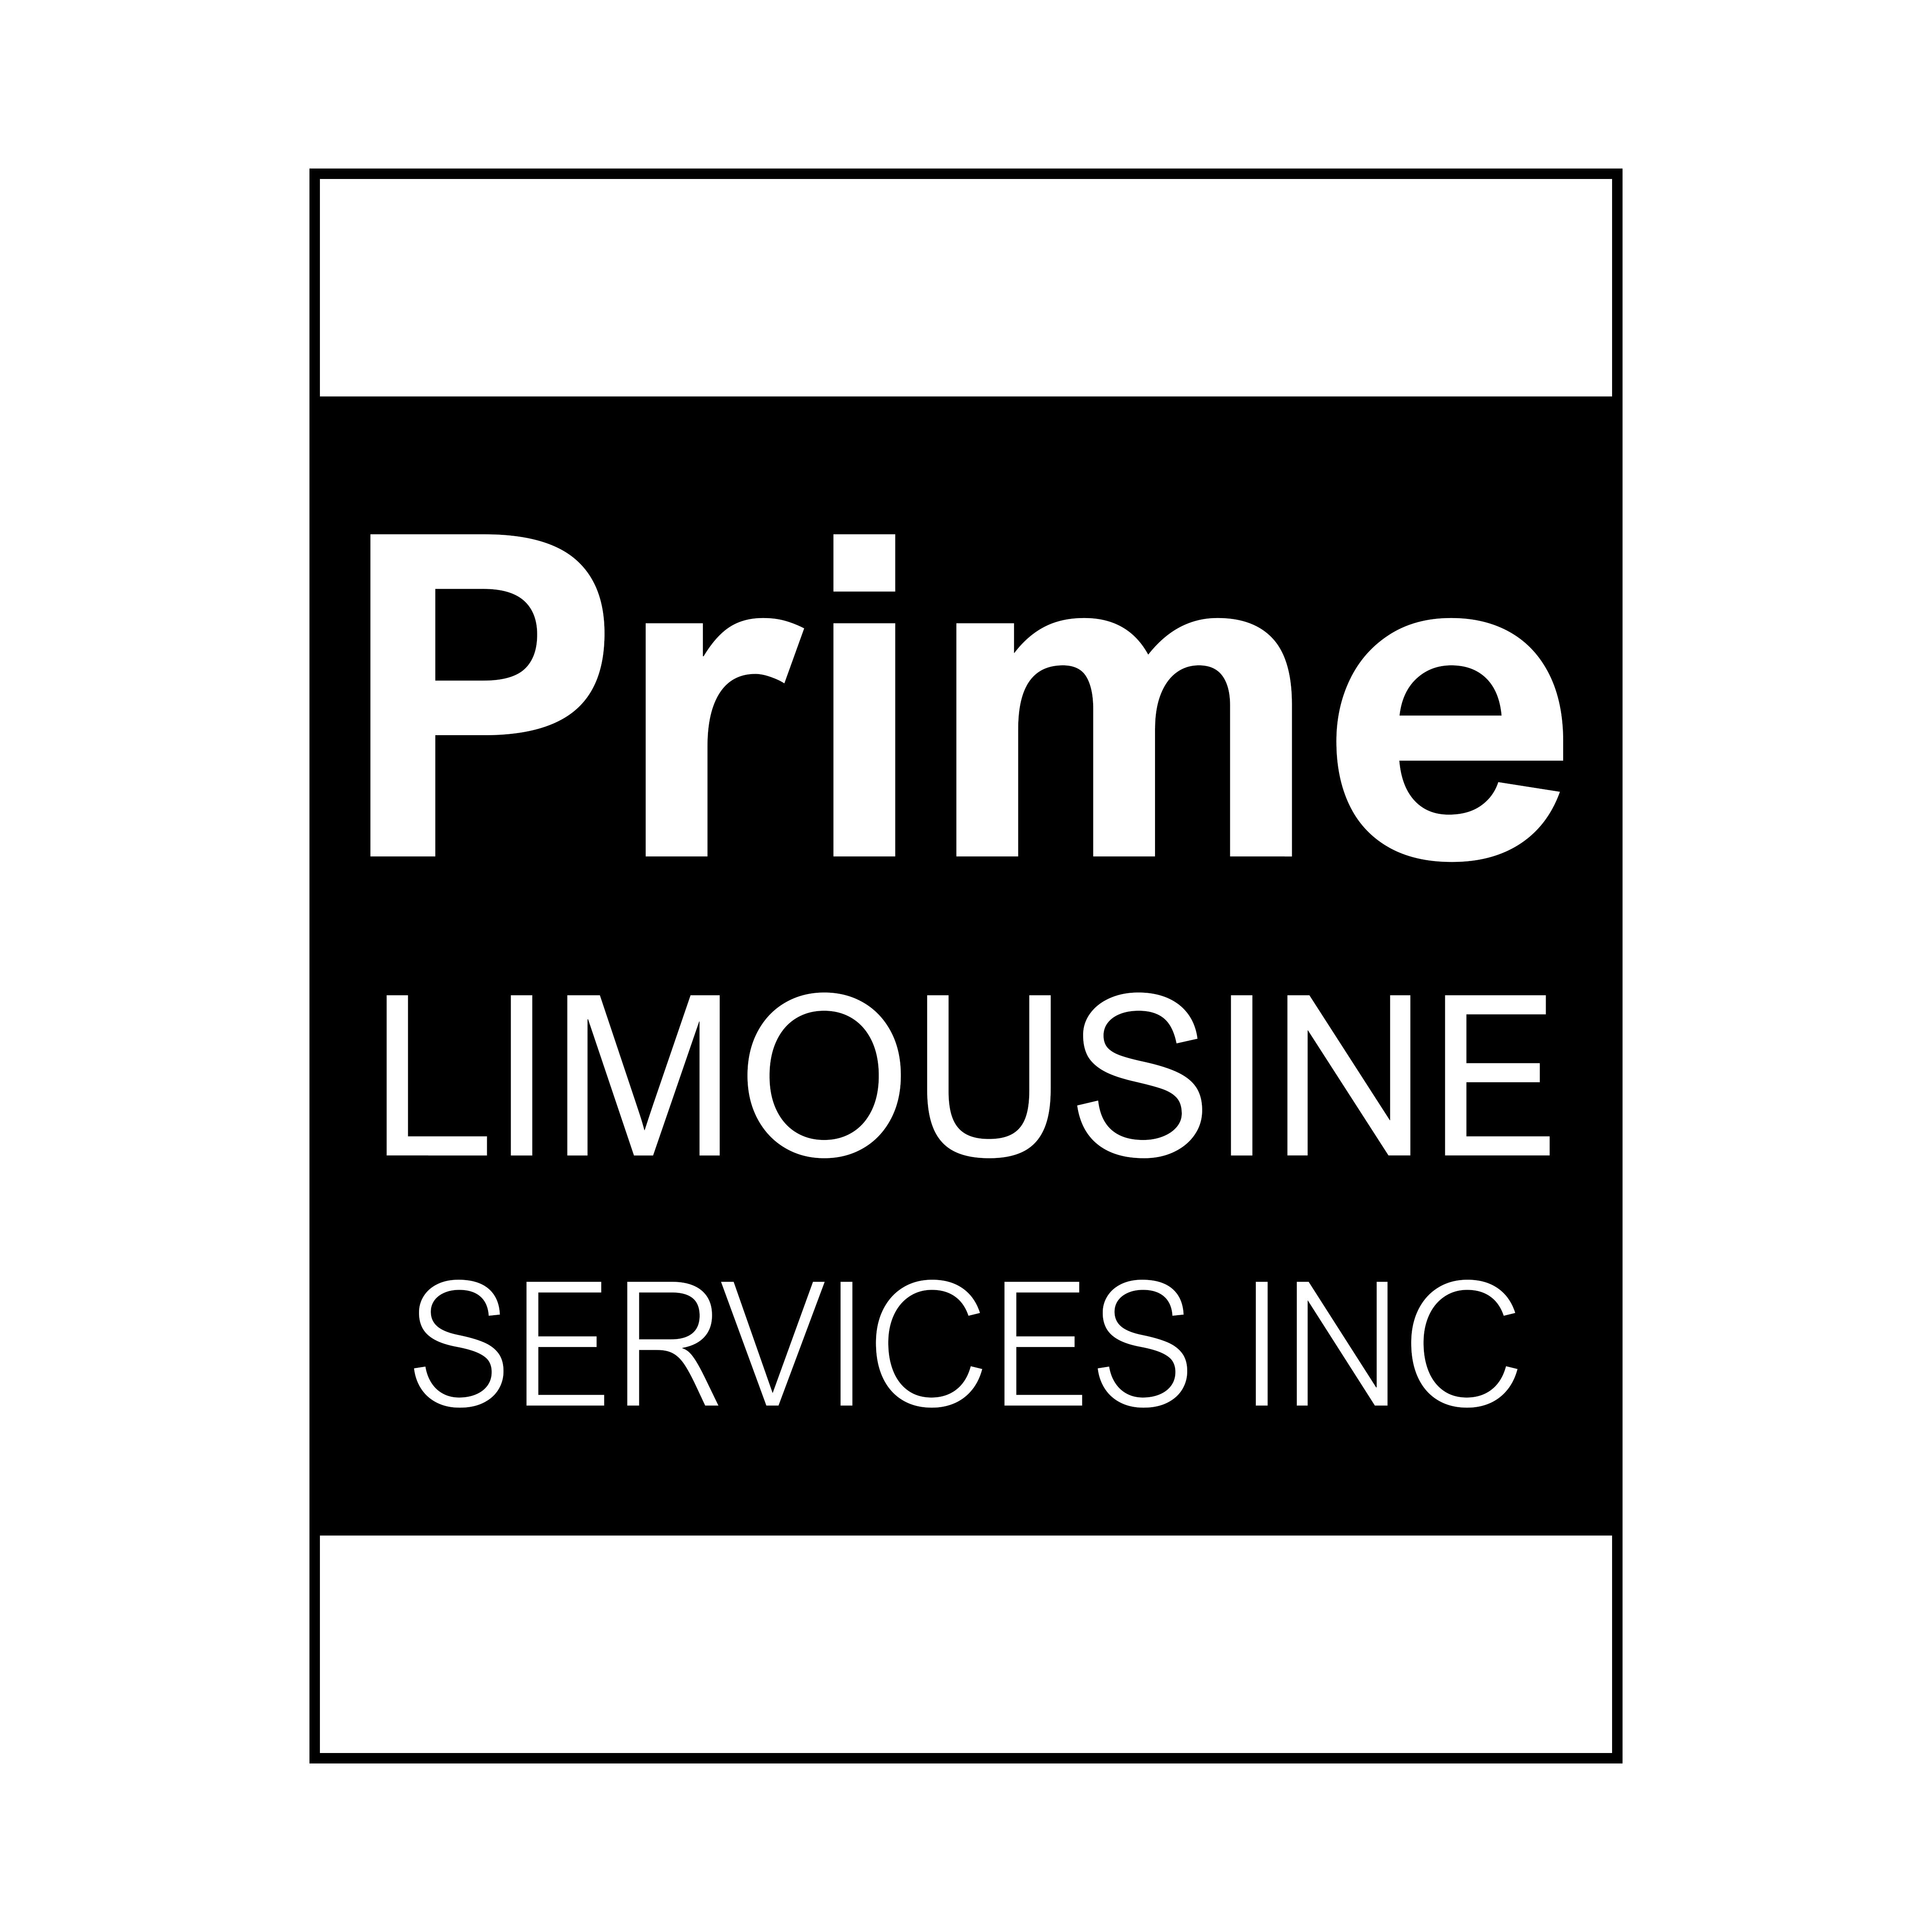 Prime Limousine Services Inc.